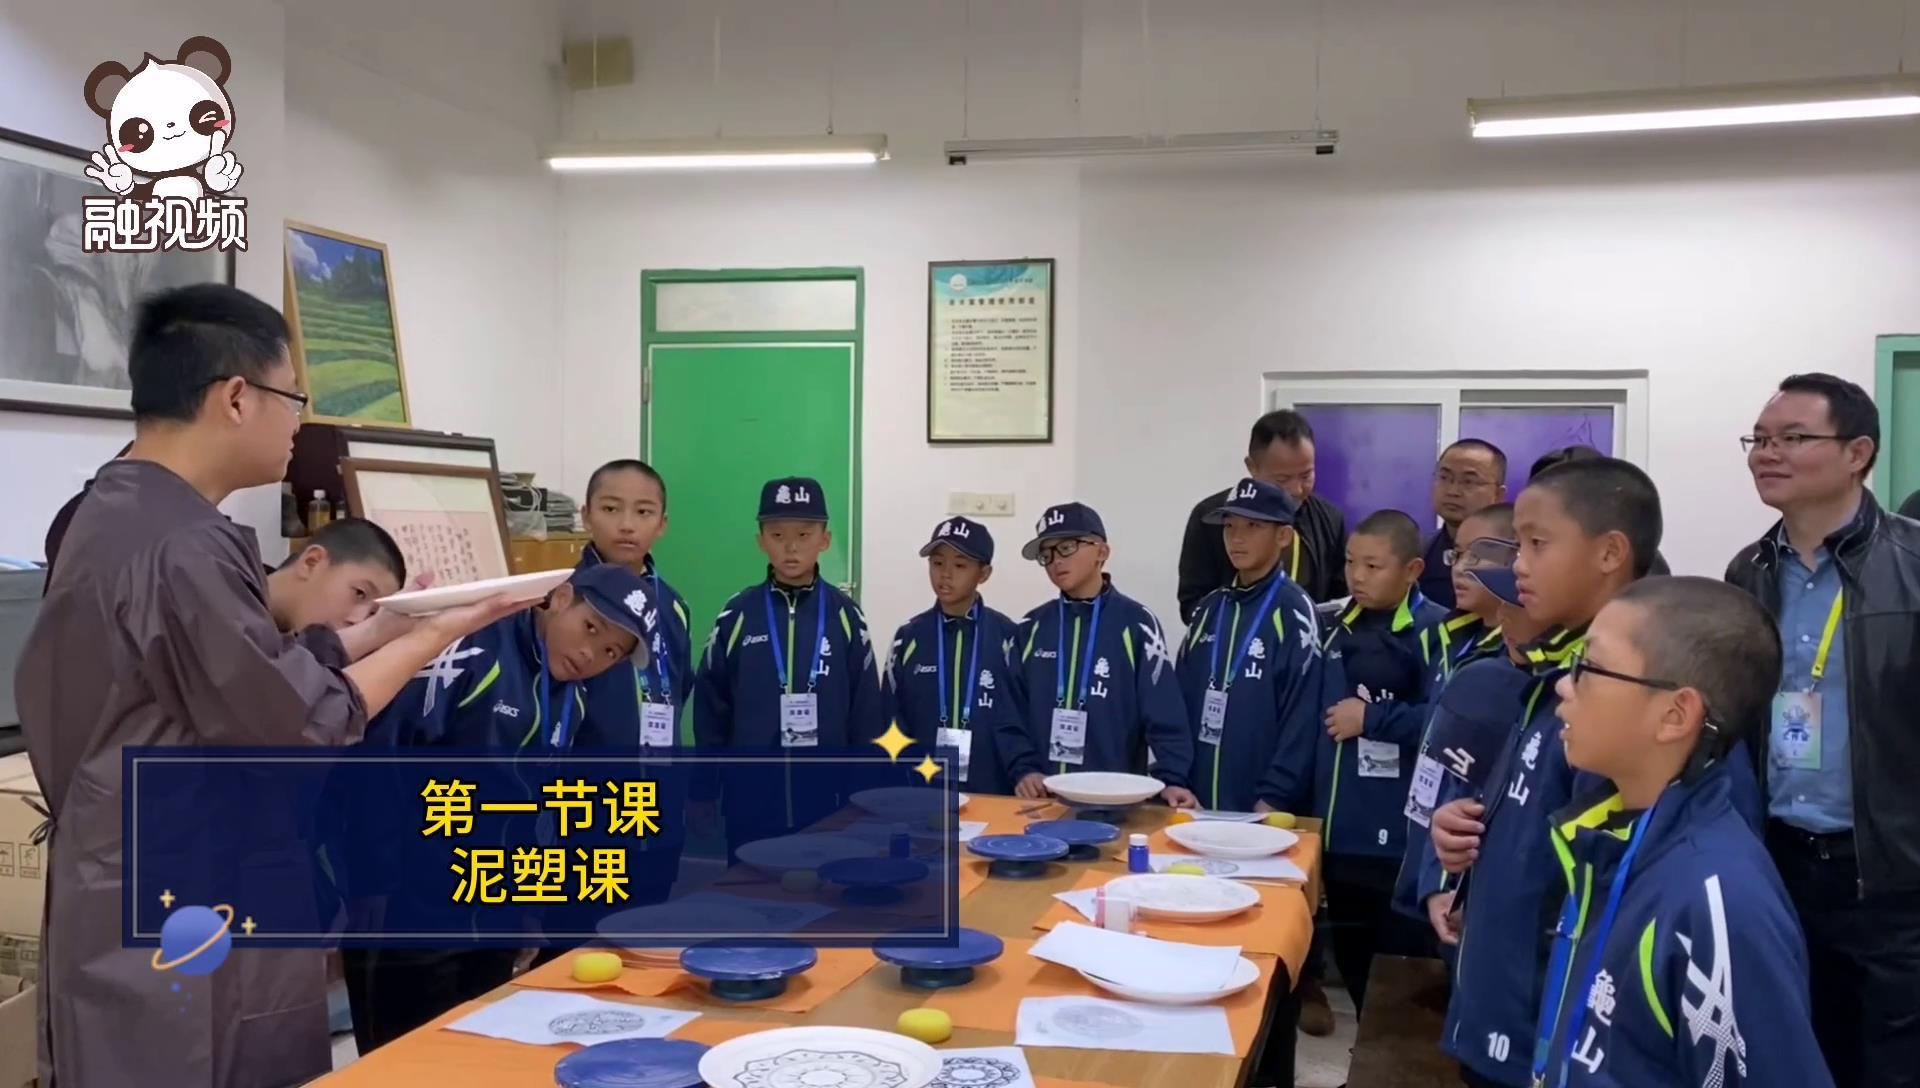 台湾龟山小学吴振弘的住家之旅(上)图片